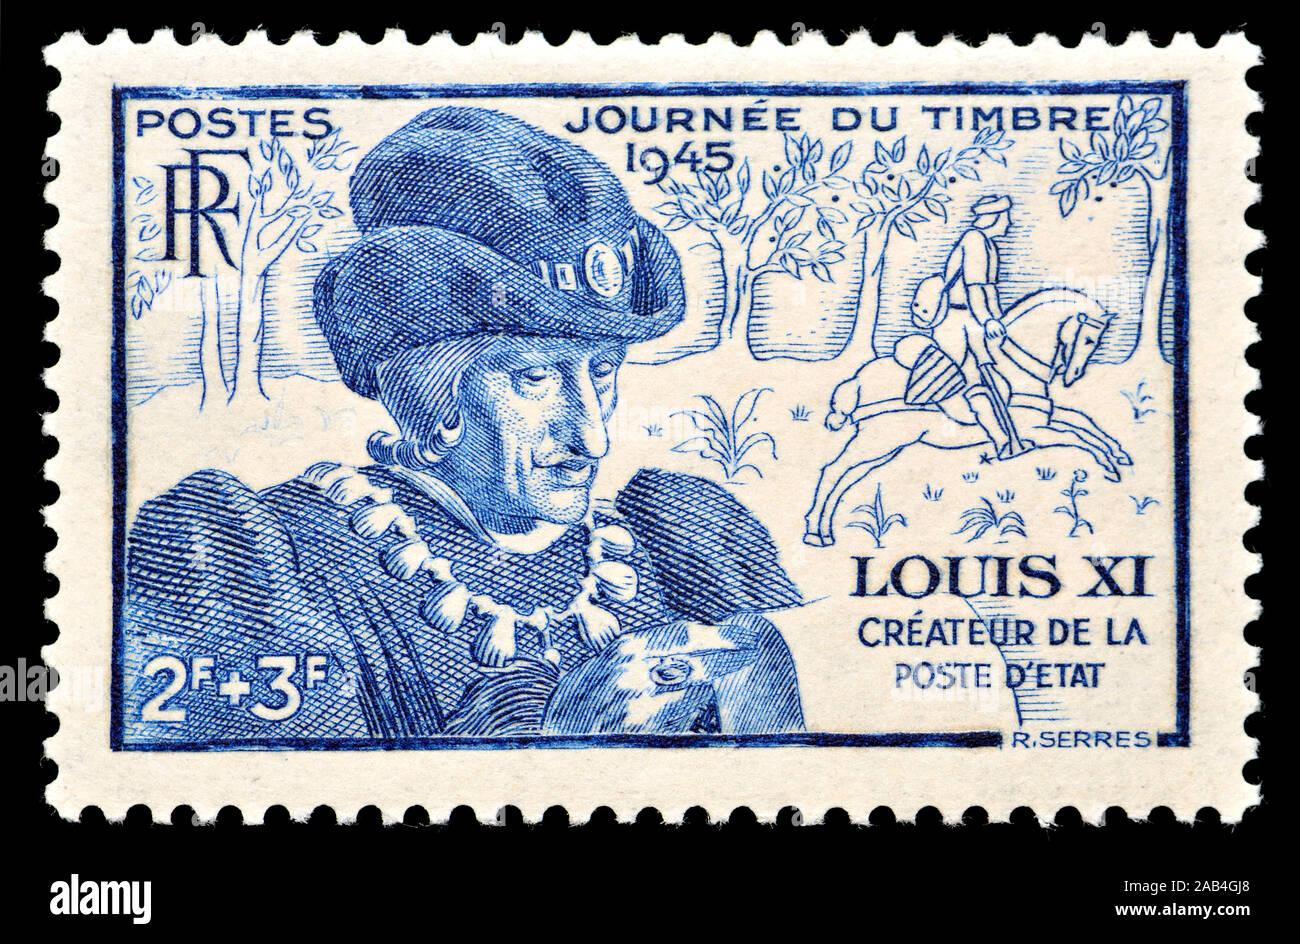 """Sello francés (1945) : el Rey Luis XI (1423 - 1483) """"Luis el prudente prudente' (le), rey de Francia desde 1461 a 1483. Foto de stock"""